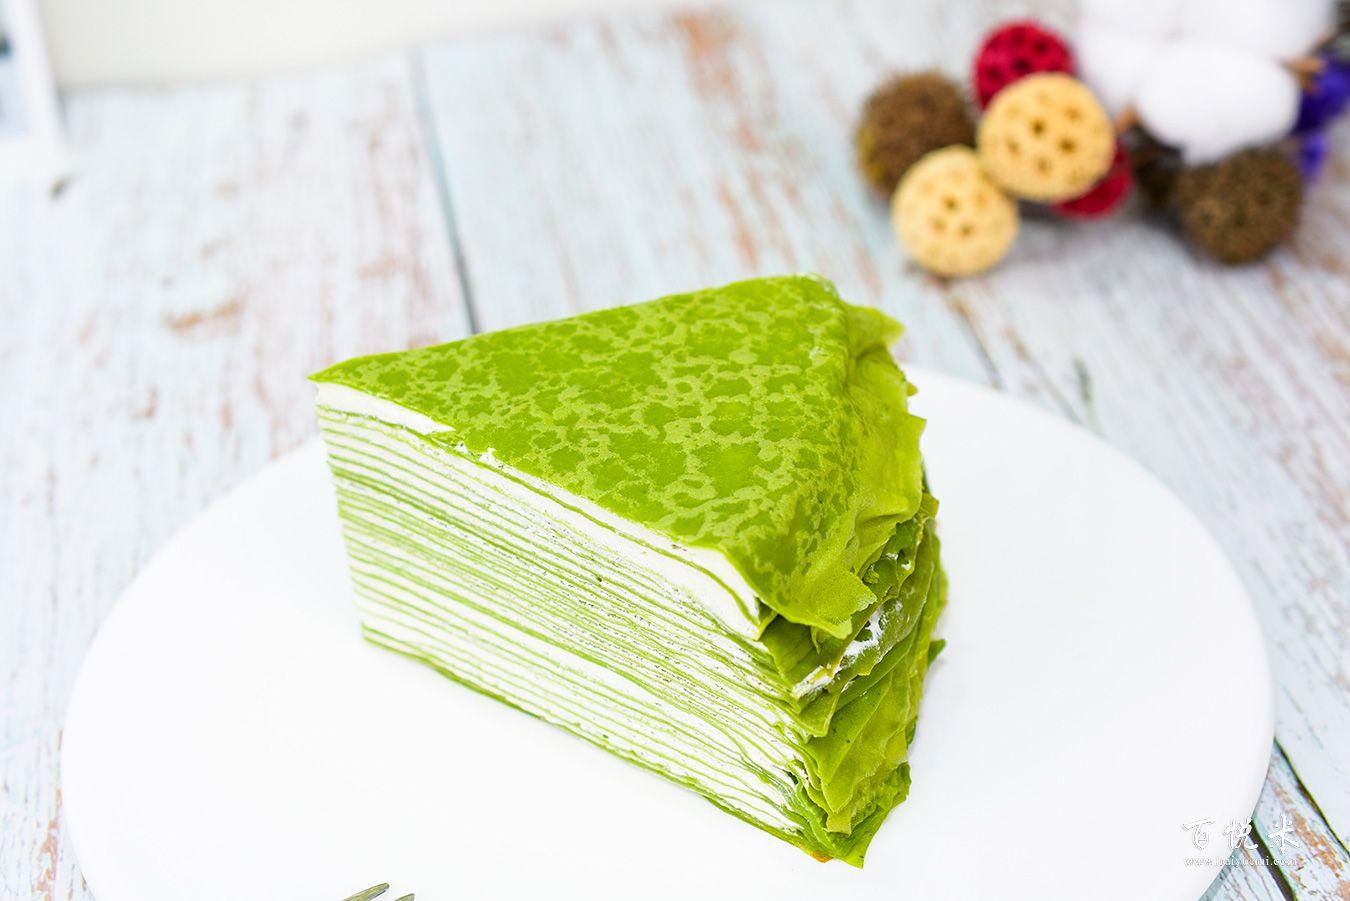 抹茶千层蛋糕的高清图片大全【蛋糕图片】_281